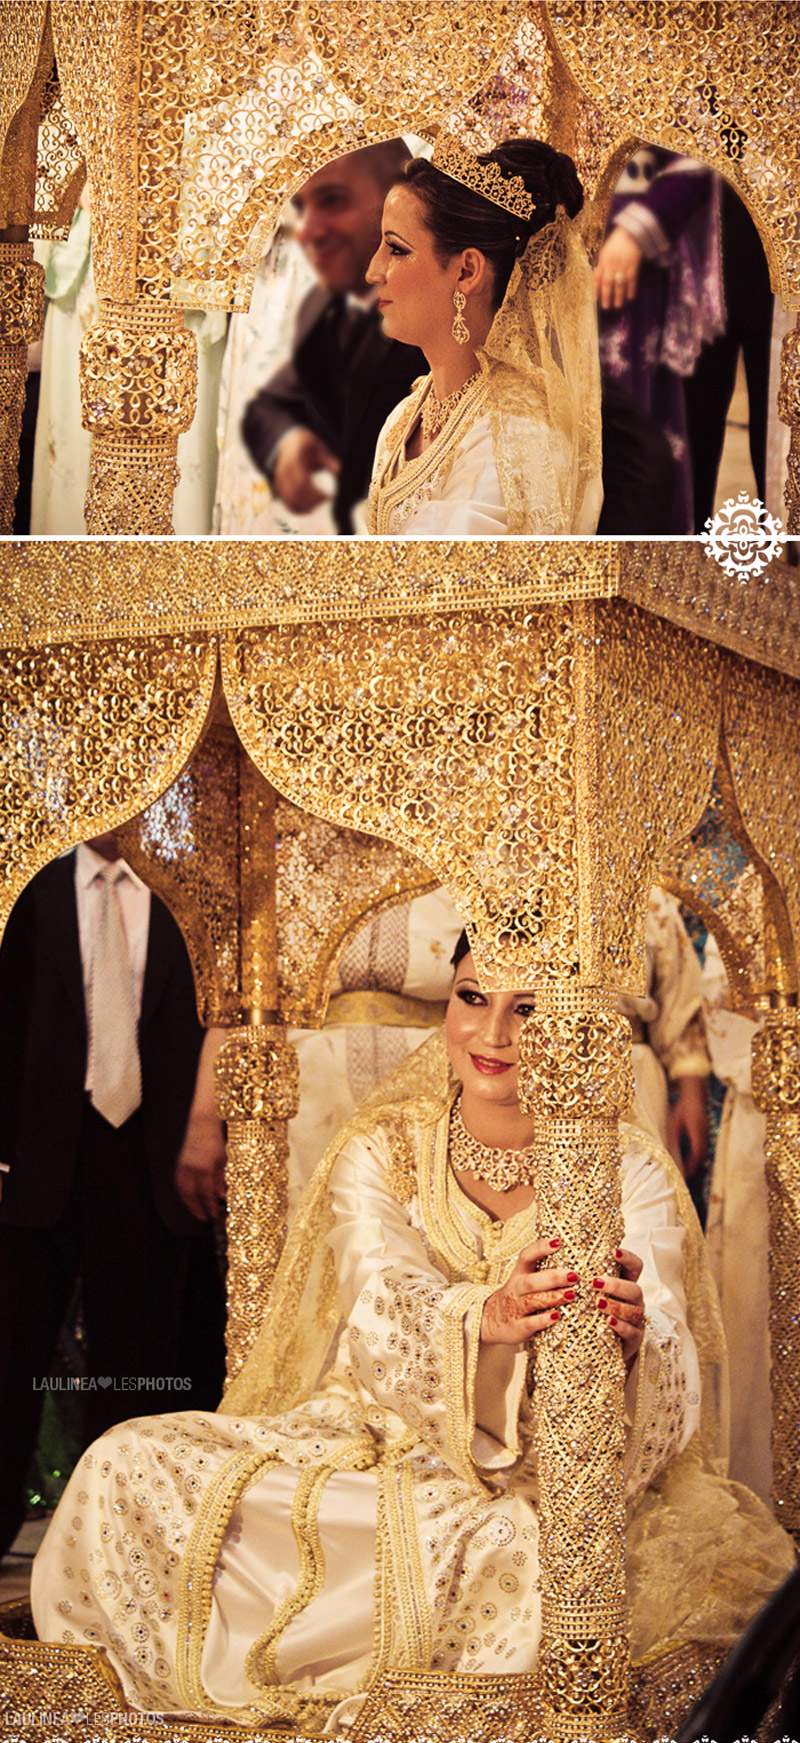 Site de rencontre mariage marocain